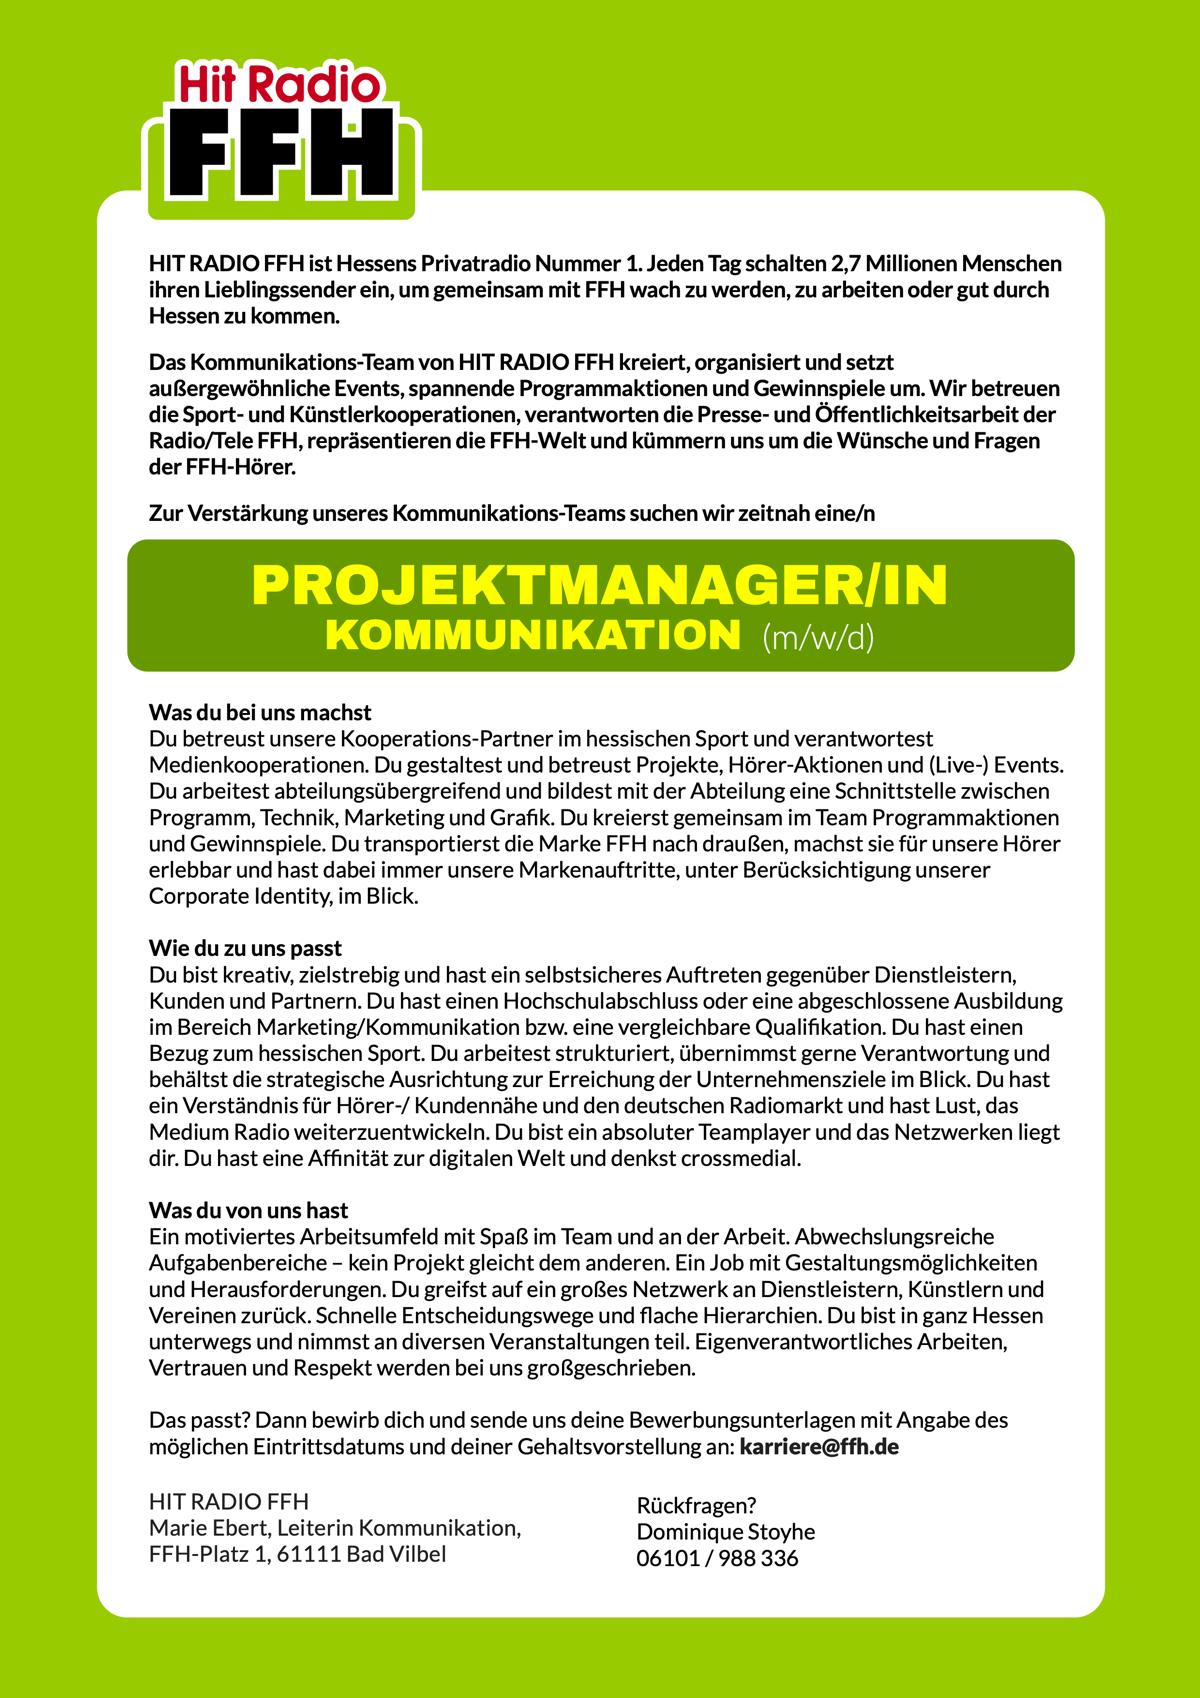 HIT RADIO FFH sucht Projektmanager/in Kommunikation (m/w/d)